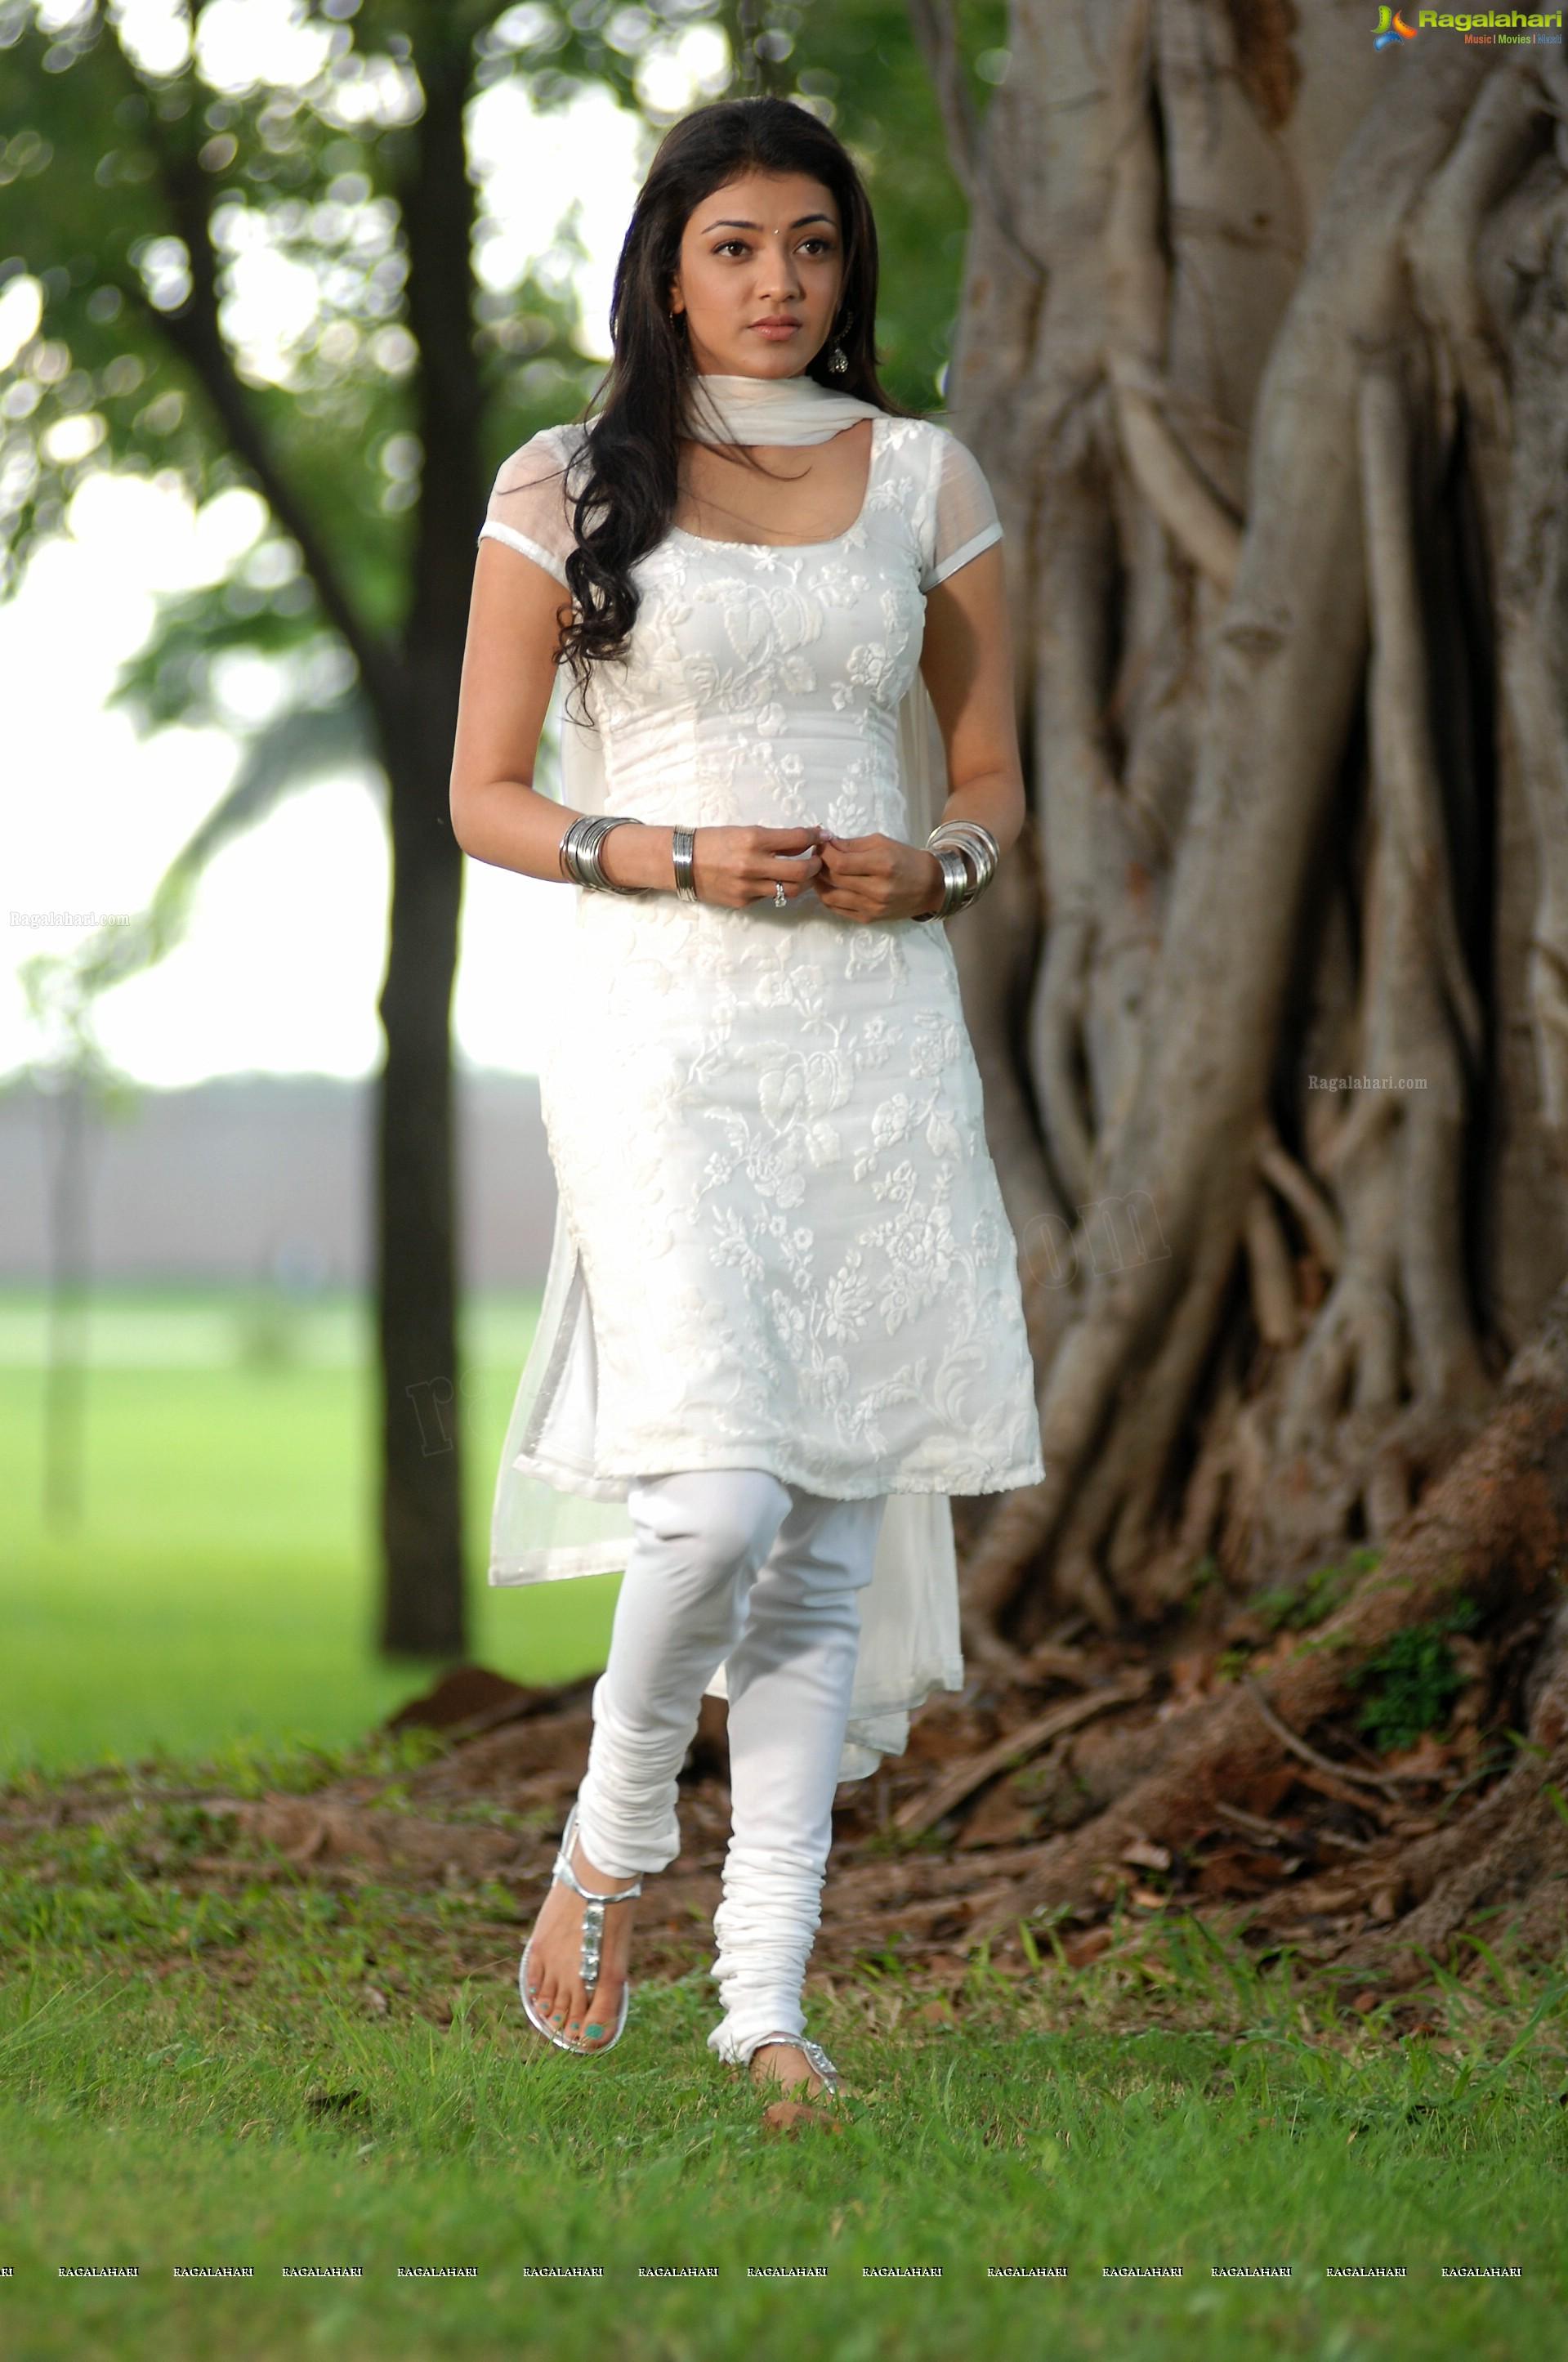 kajal agarwal (hd) image 49 | telugu heroines gallery,photoshoot